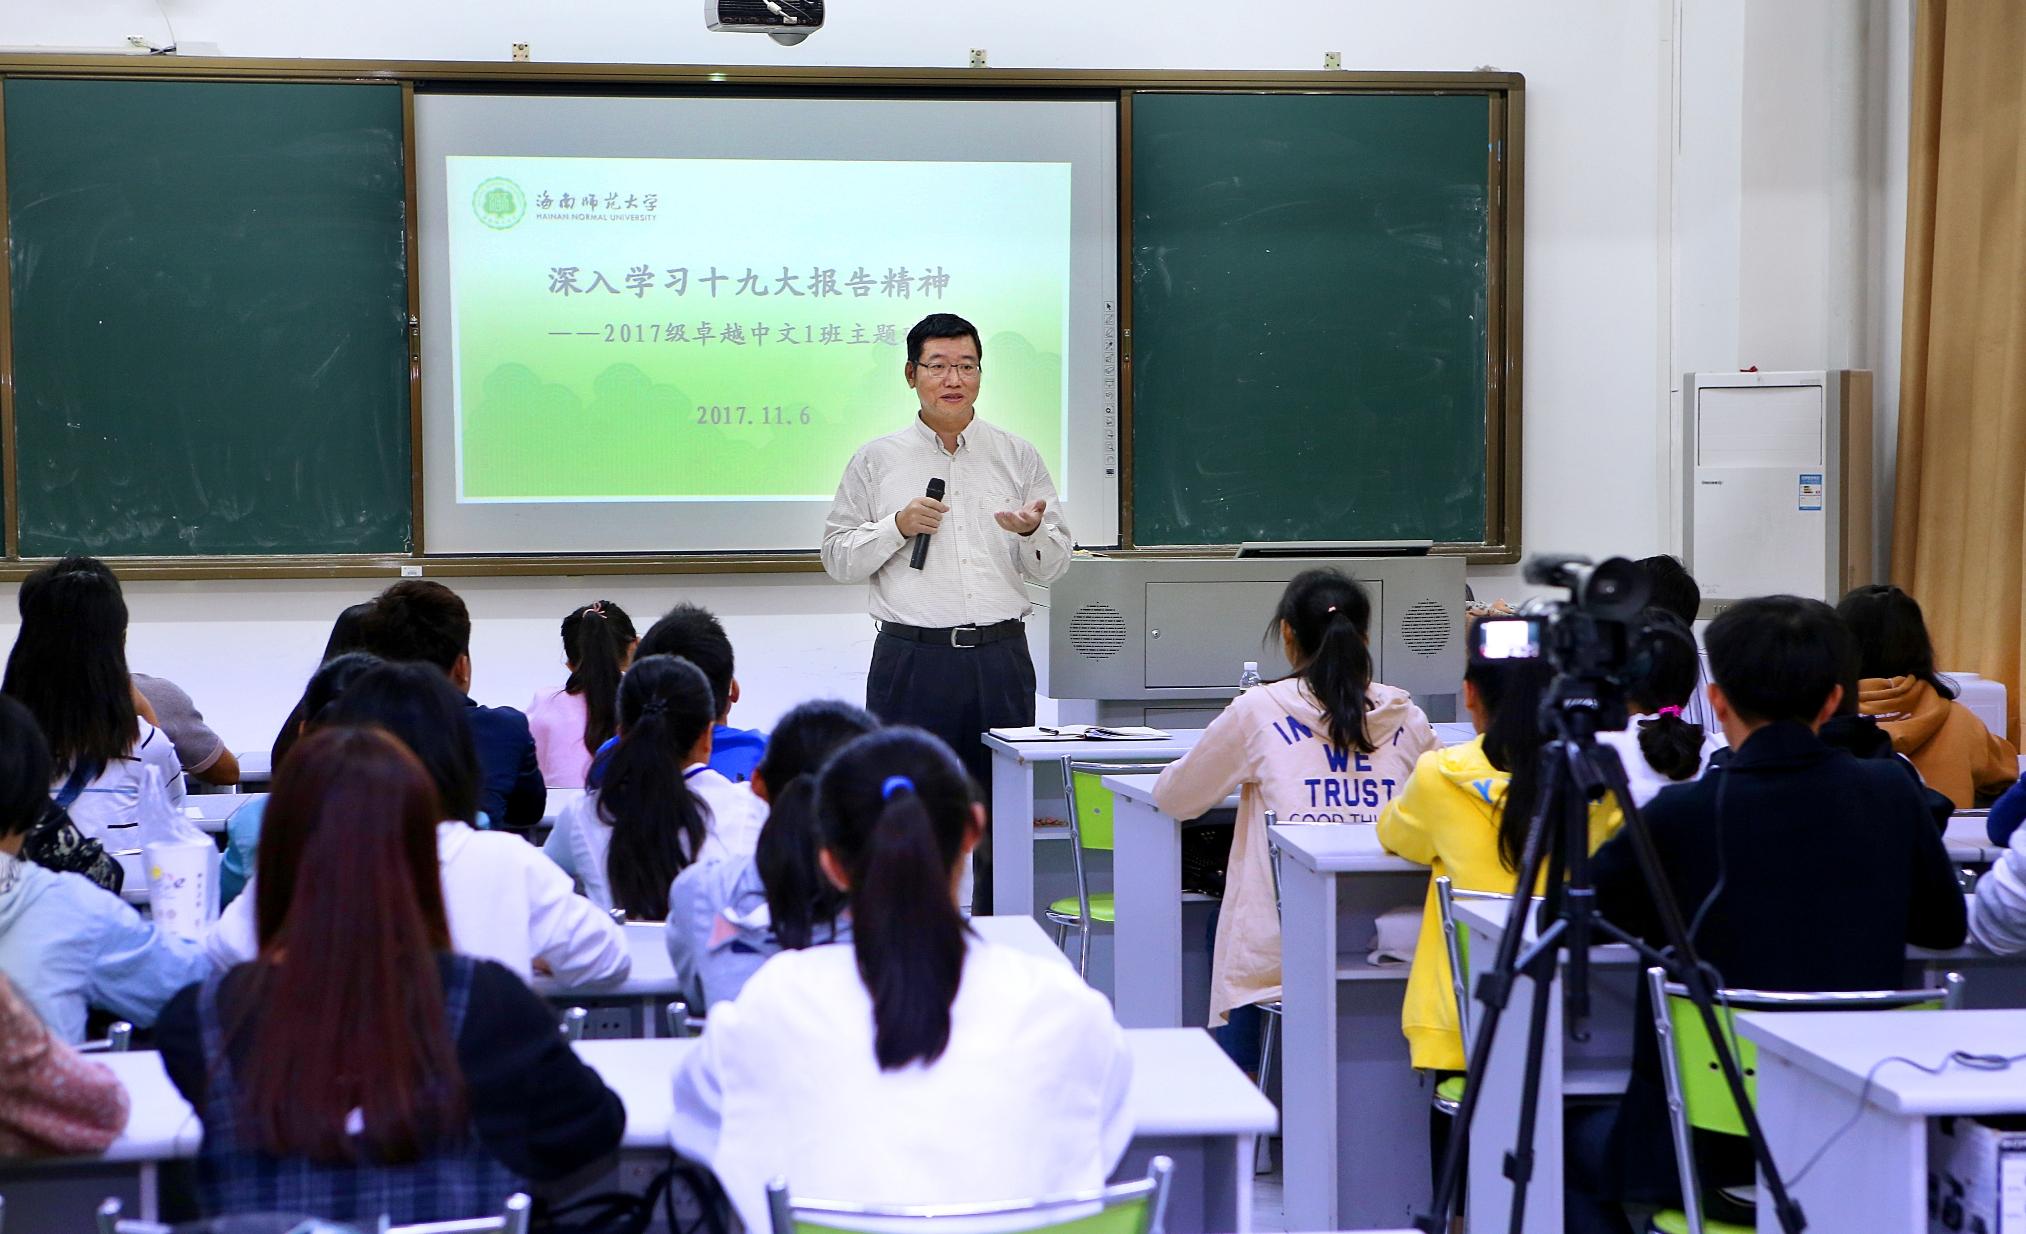 林强校长到2017级卓越中文1班宣讲十九大精神